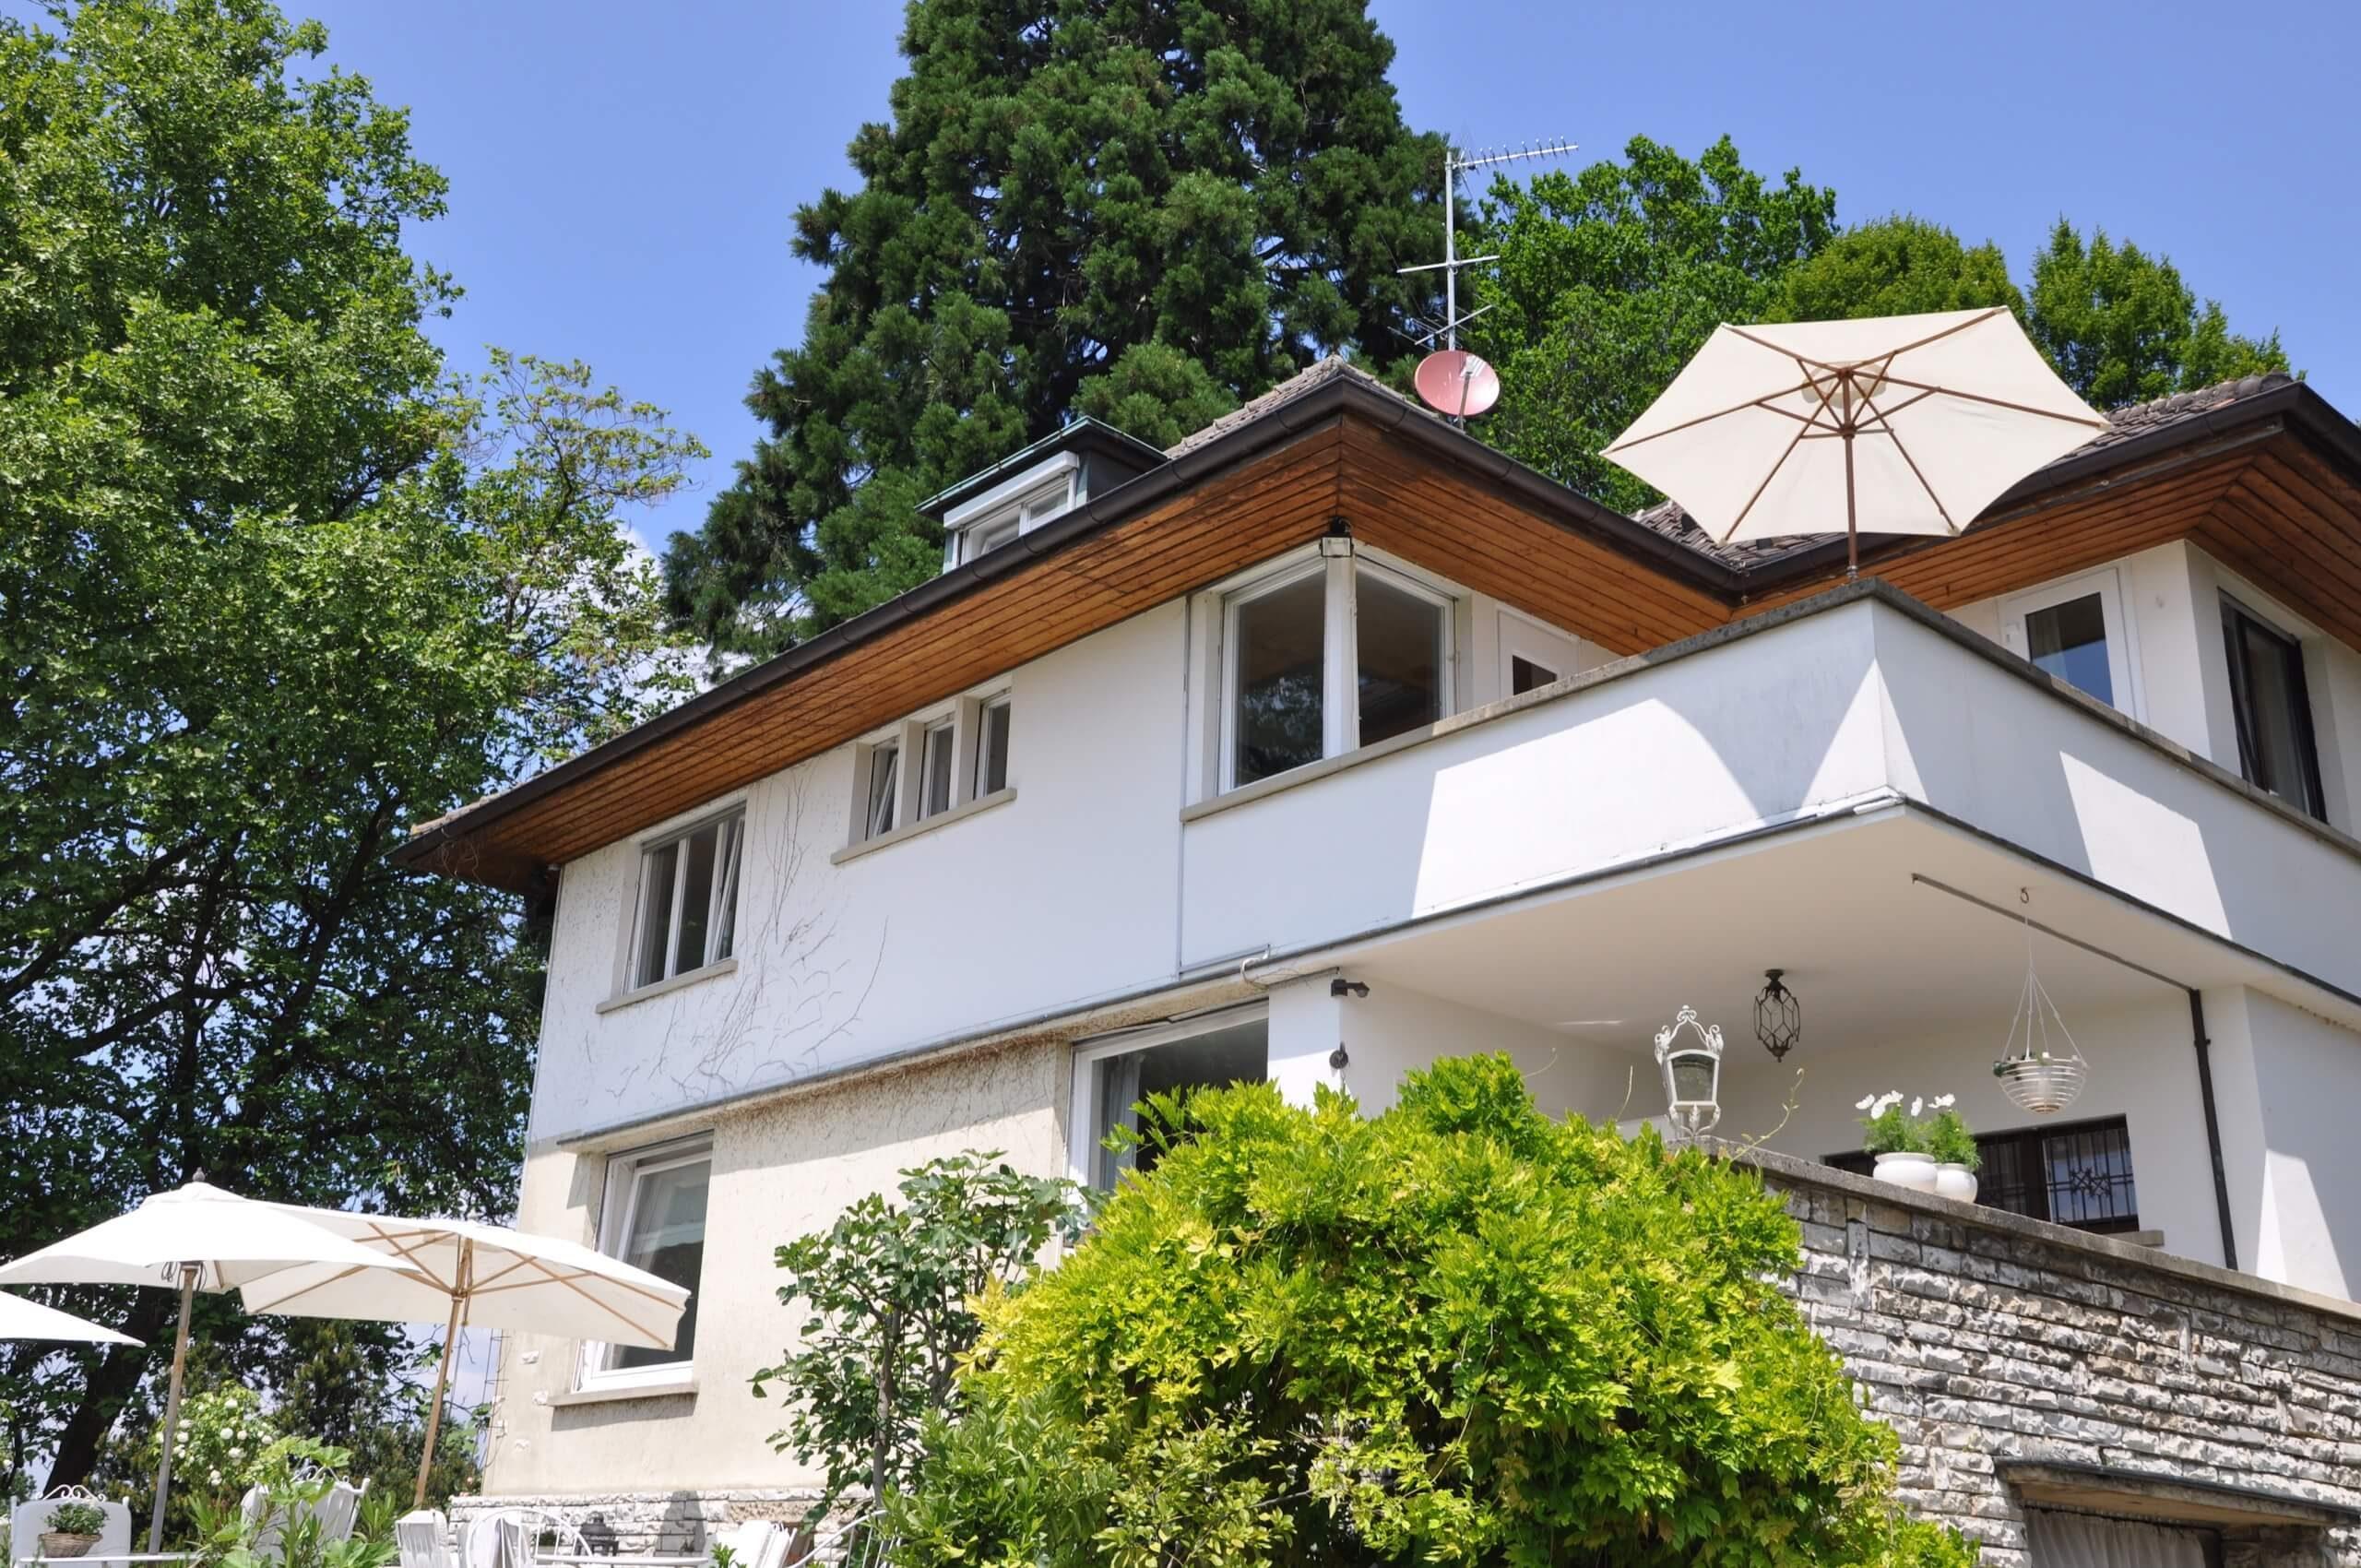 die Villa Villa Sicht vom Garten